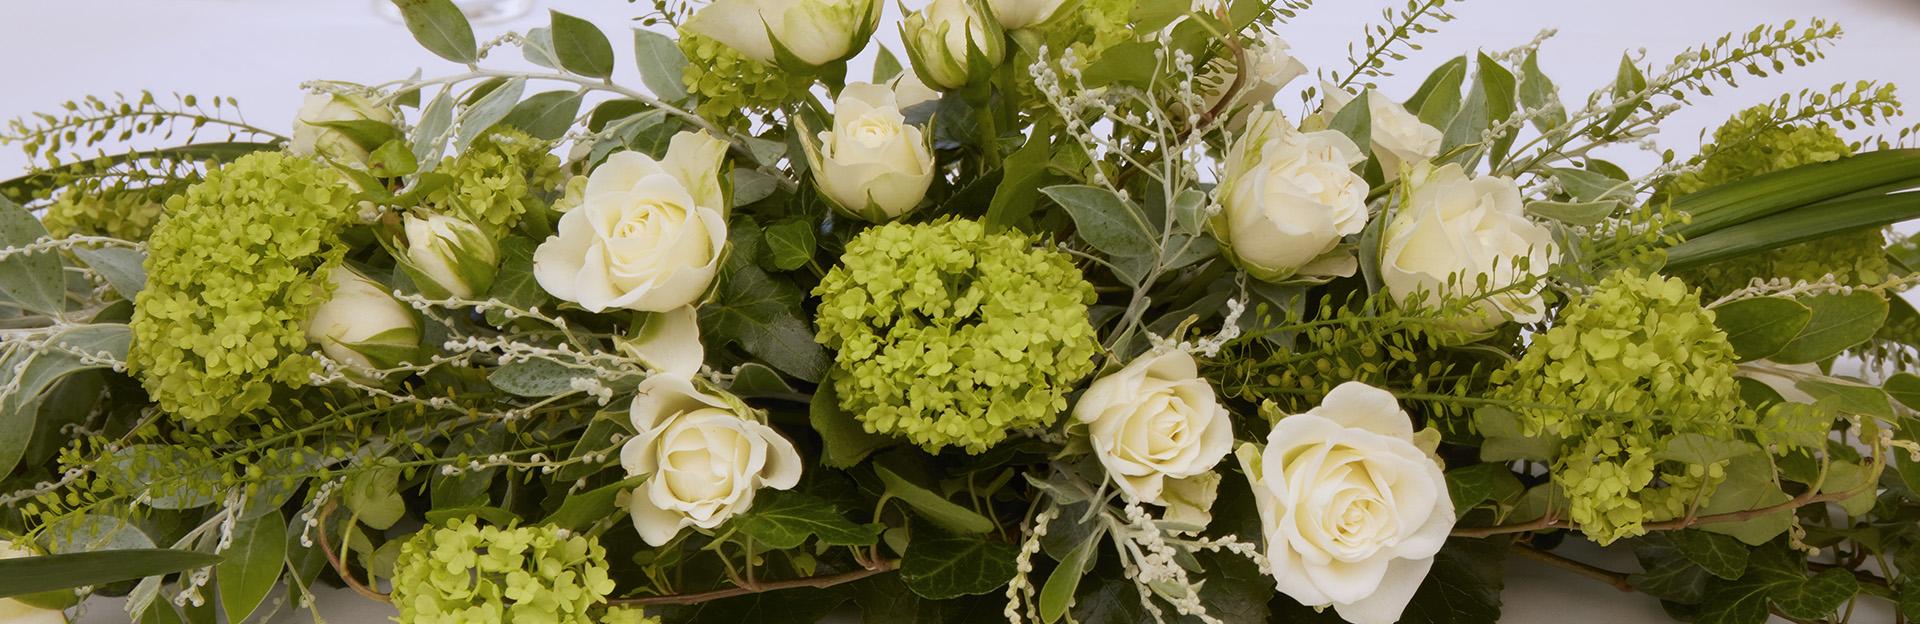 Kukka-asetelma pöydällä